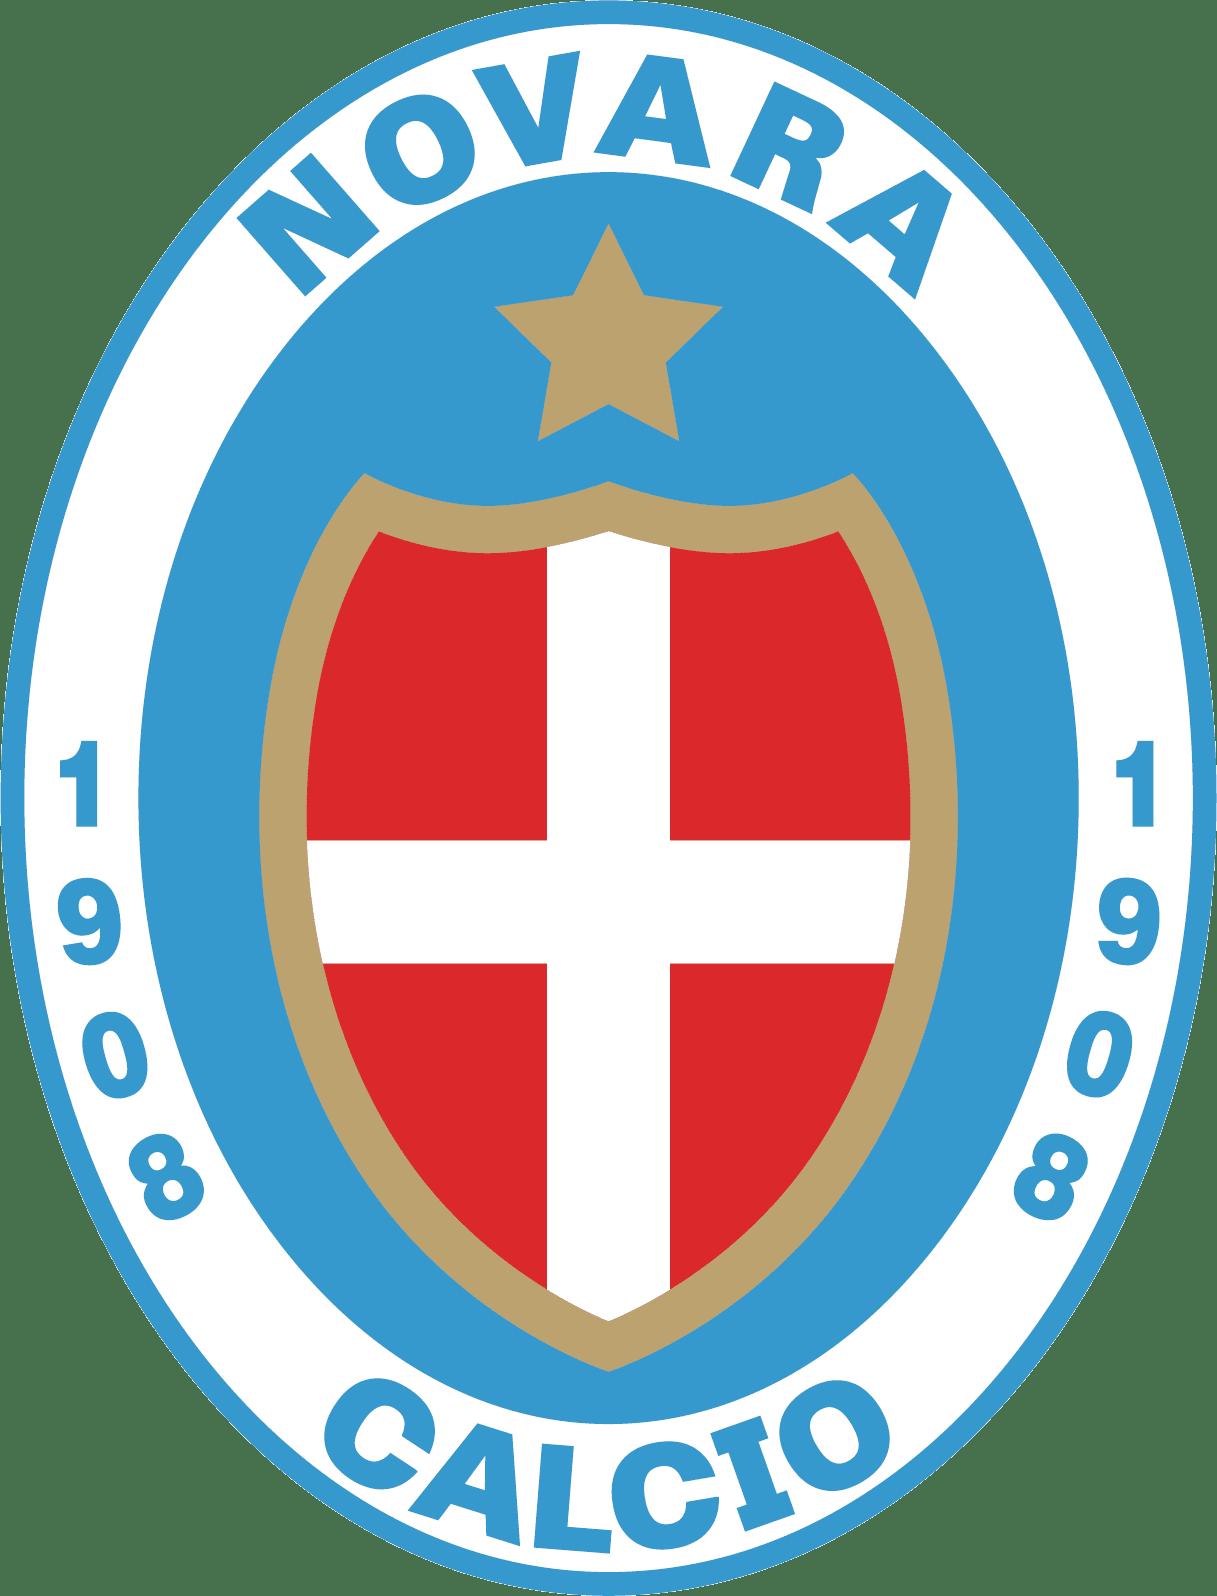 Excursão Futebol : Você sabia? #1 - Formatos dos escudos